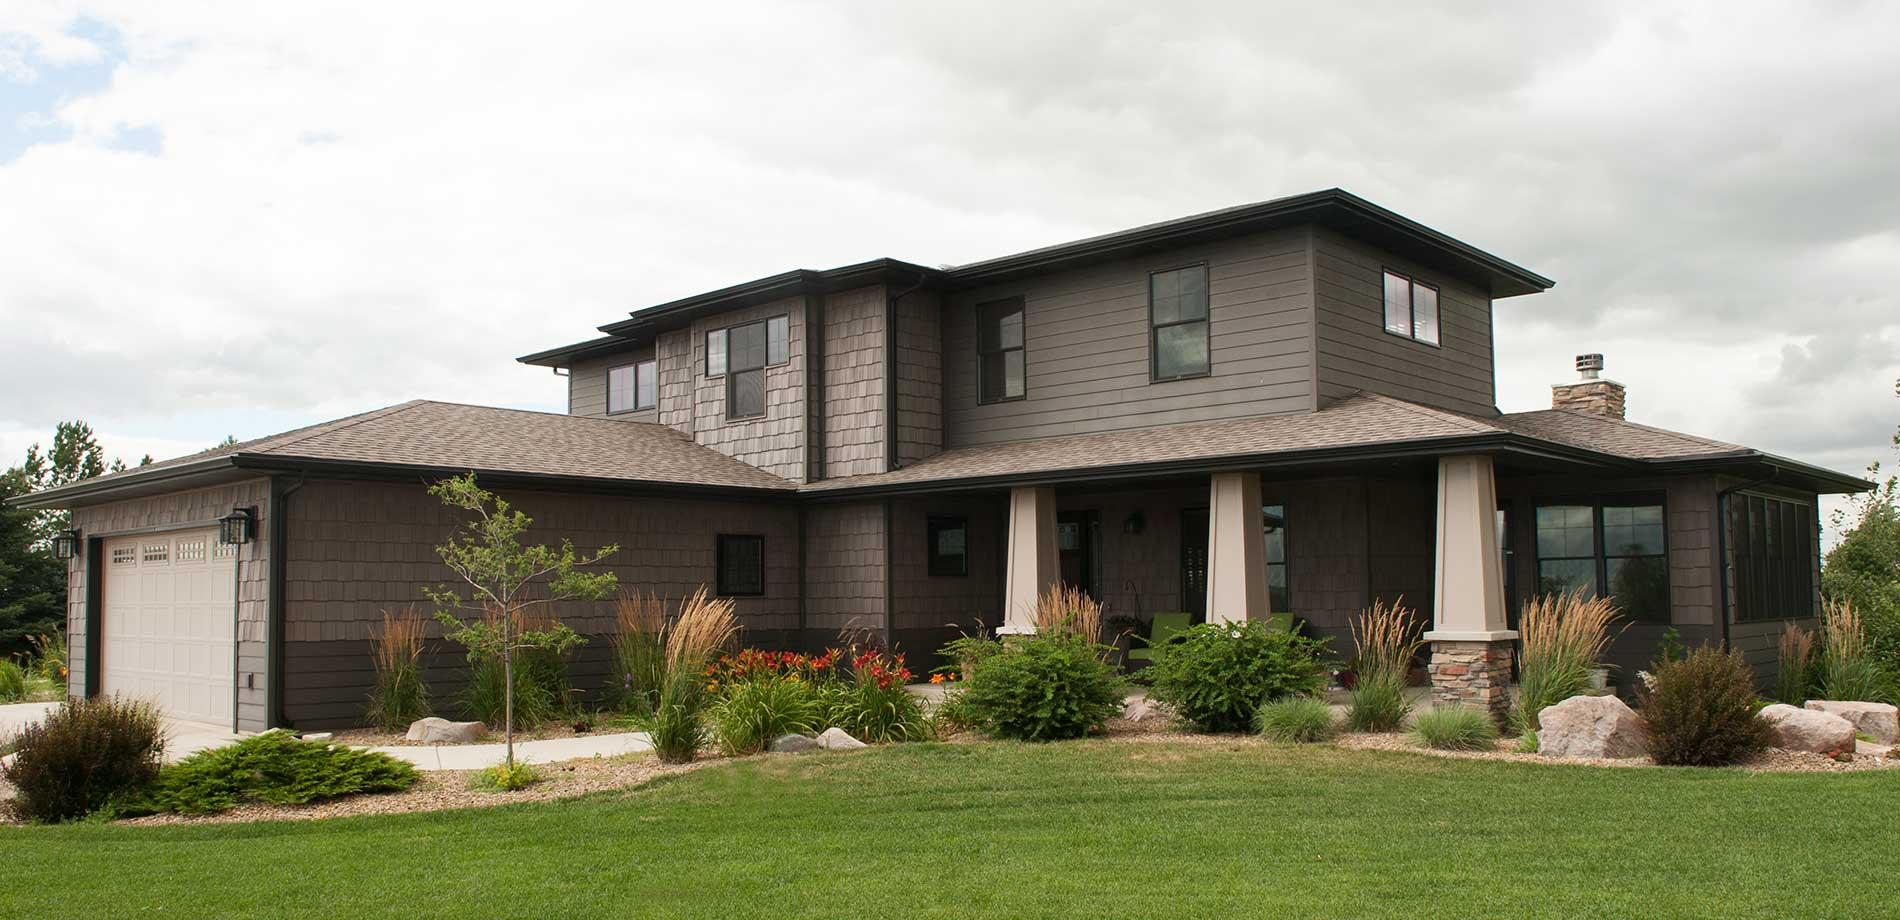 Home Commercial Builder Remodeling Mandan Bismarck Nd